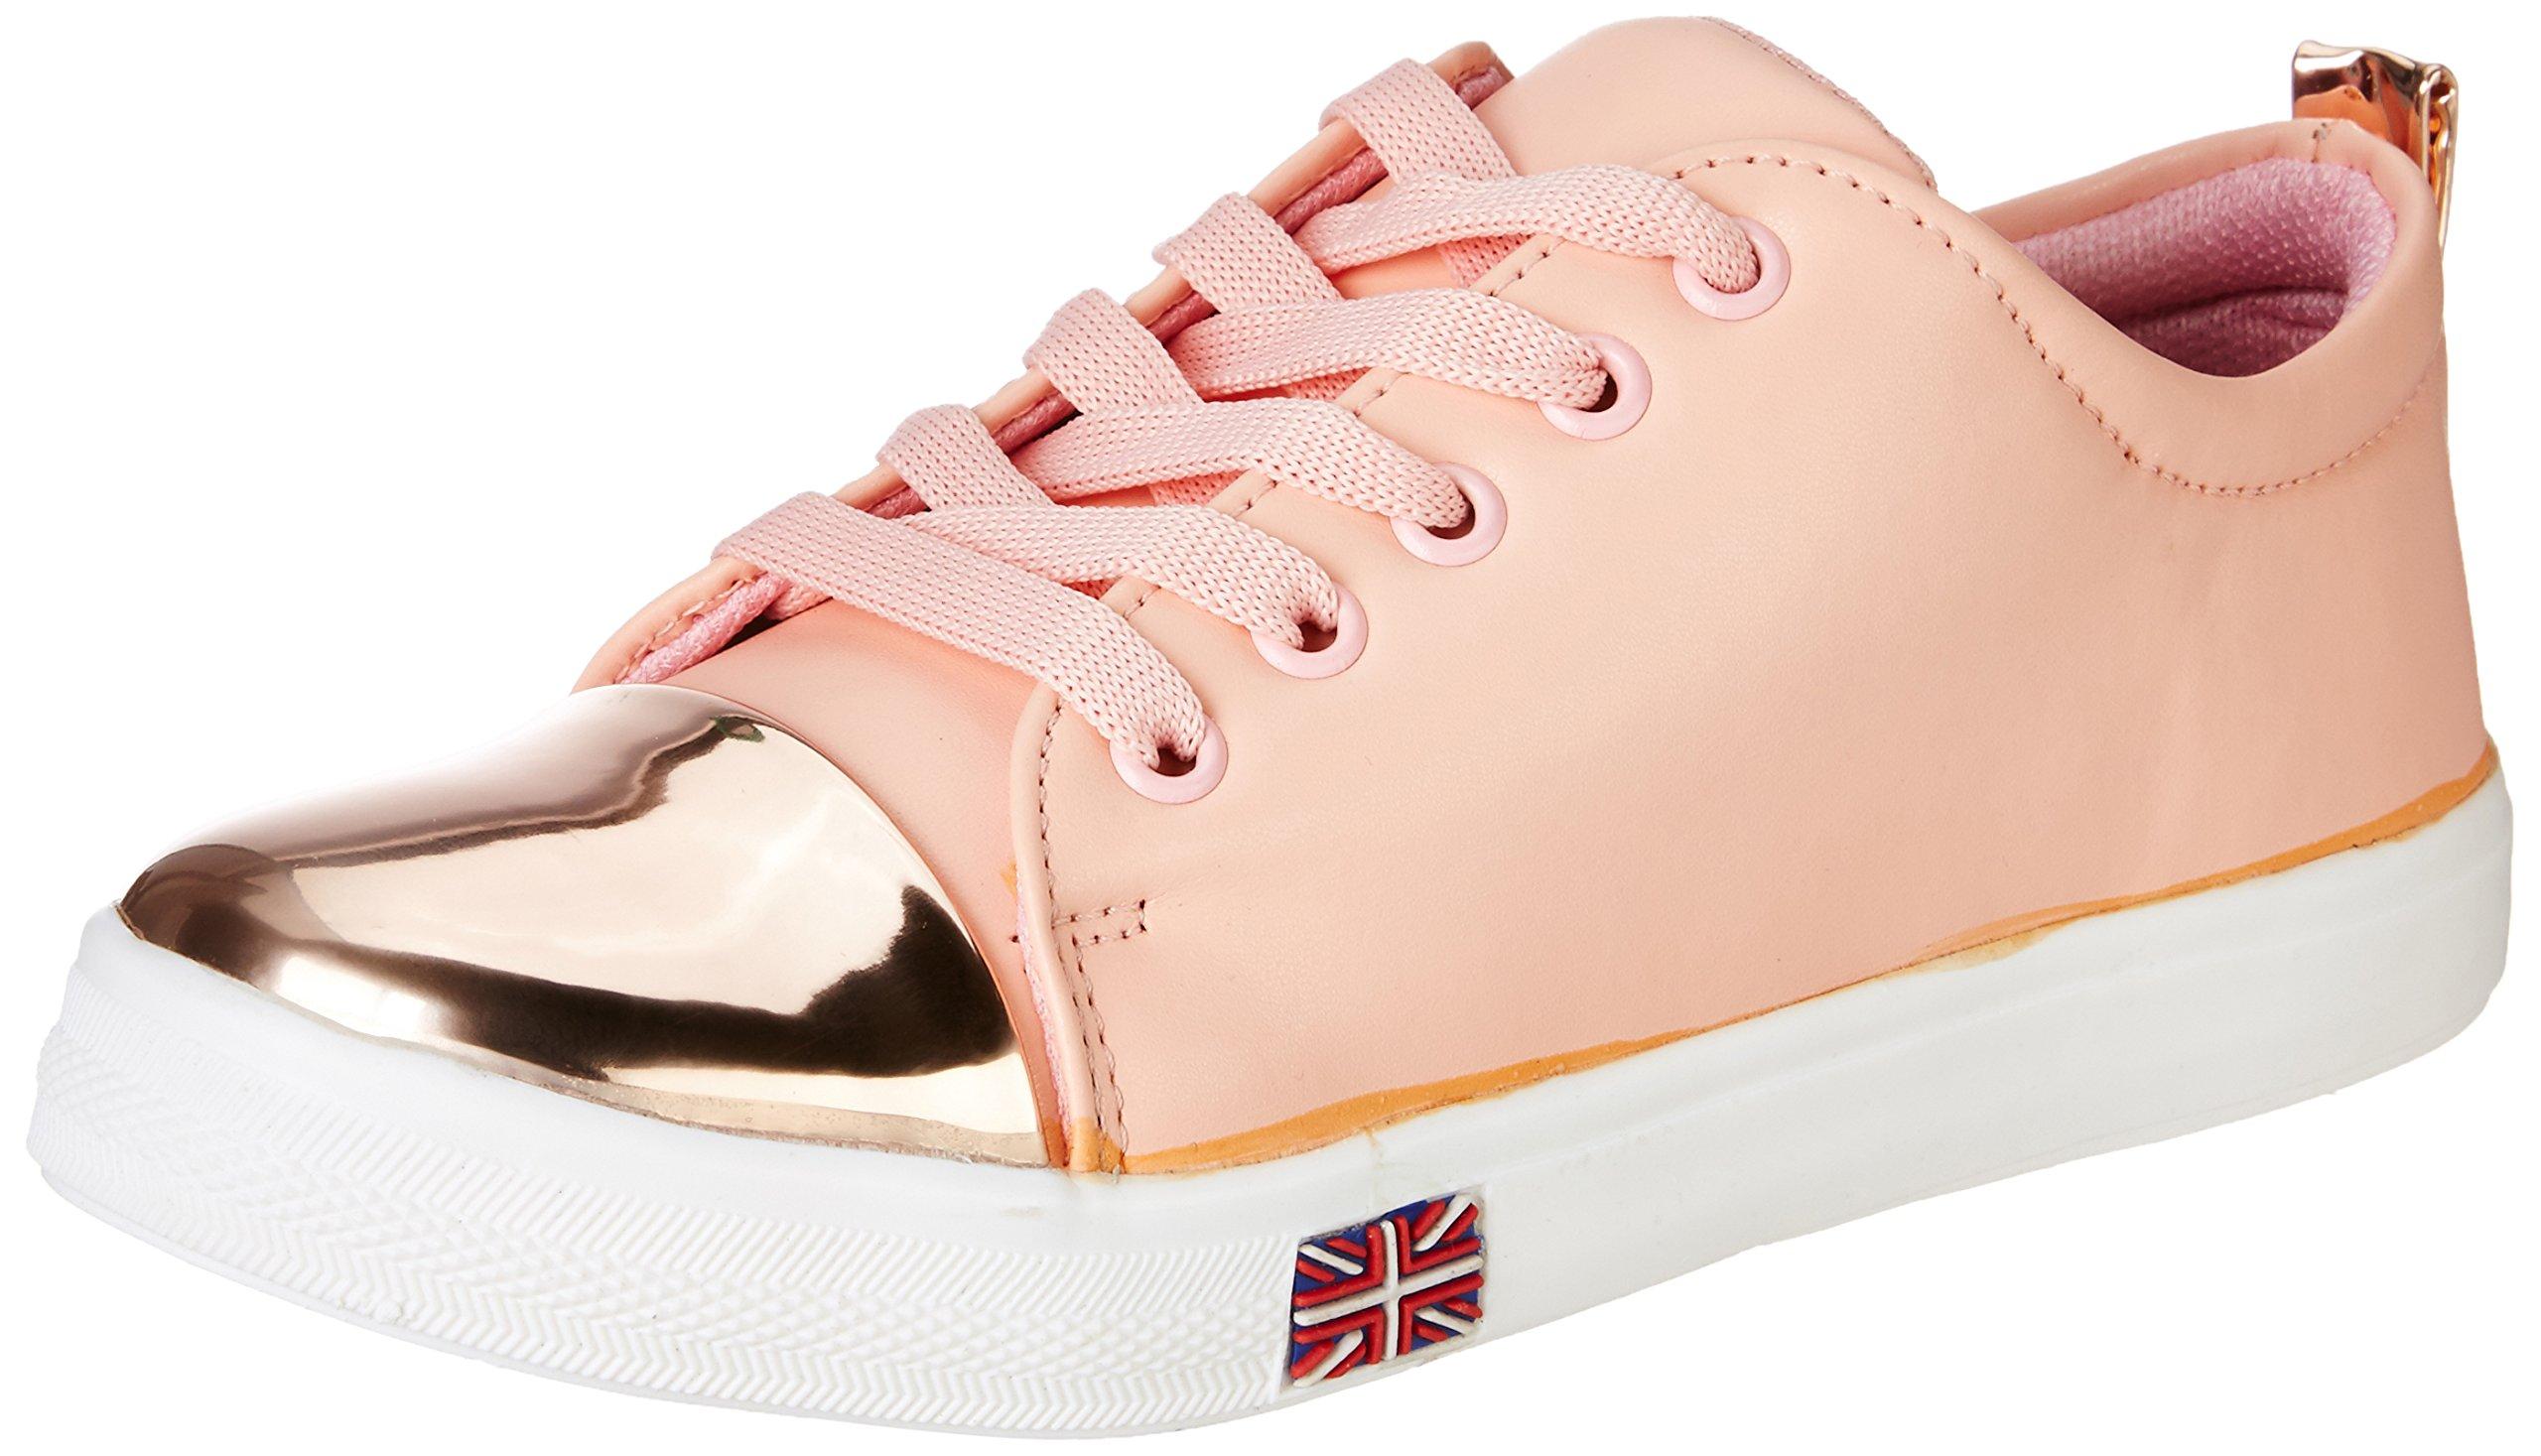 KRAFTER Trendy Women Shoes